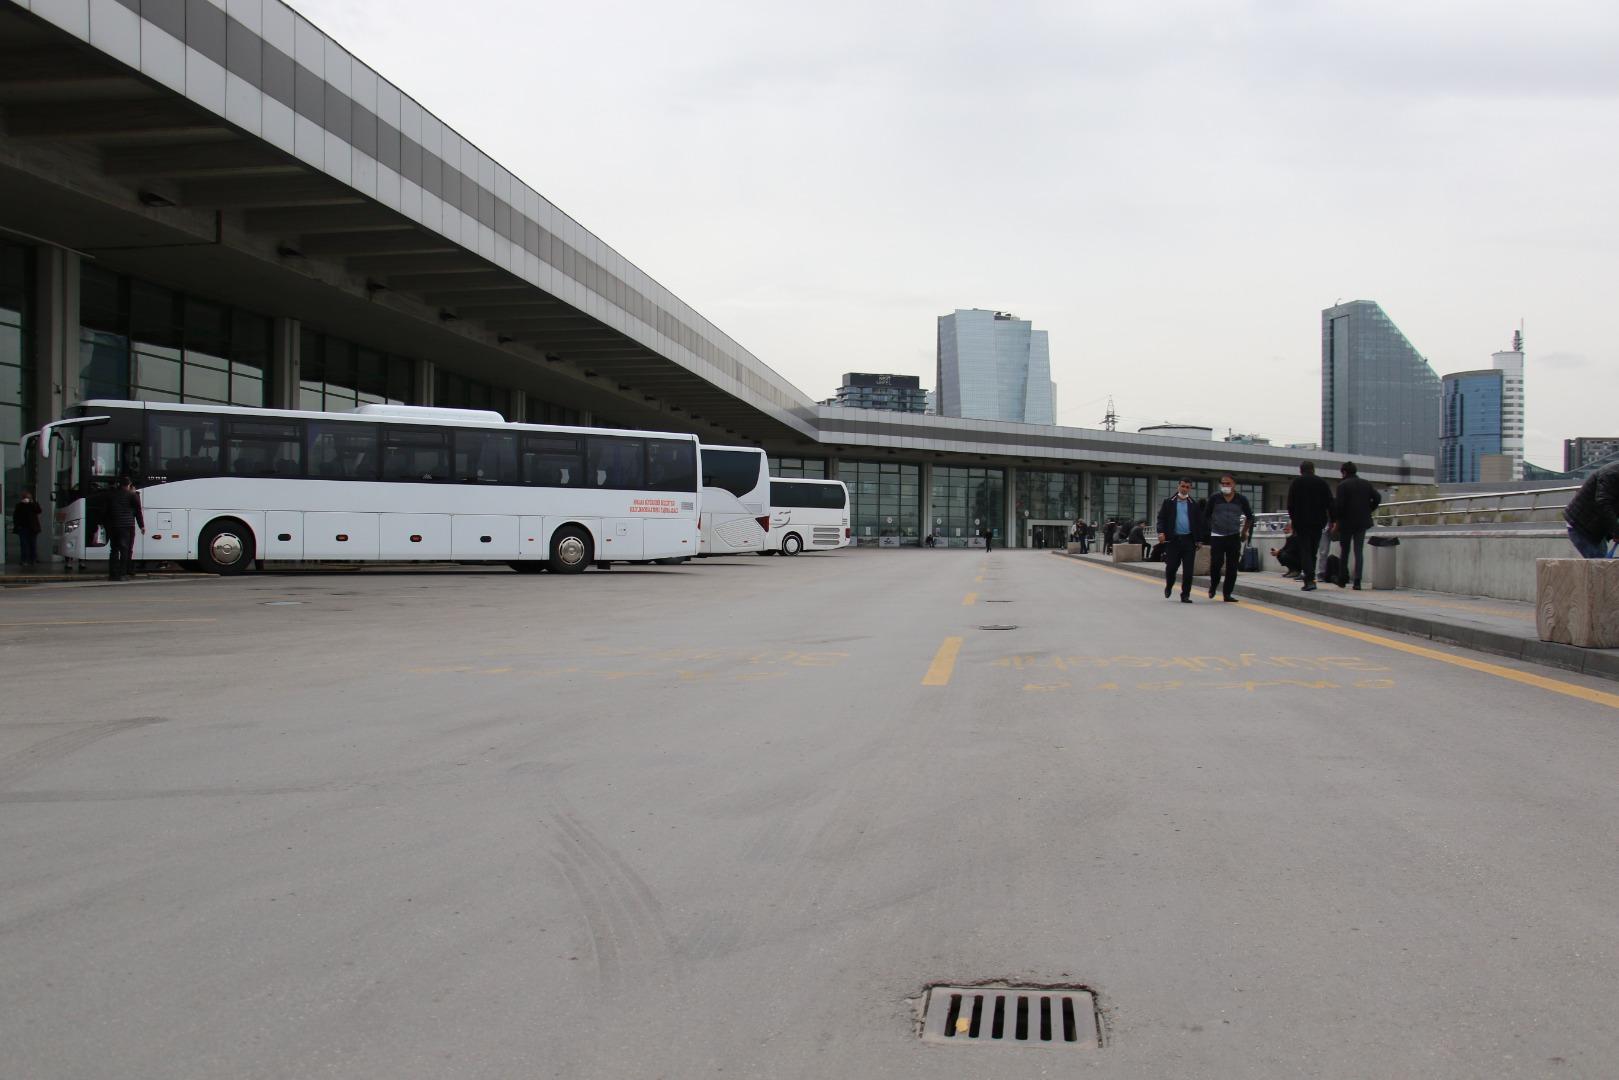 AŞTİ'de otobüs Gaziantep'e yalnızca 3 yolcu ile yola çıktı